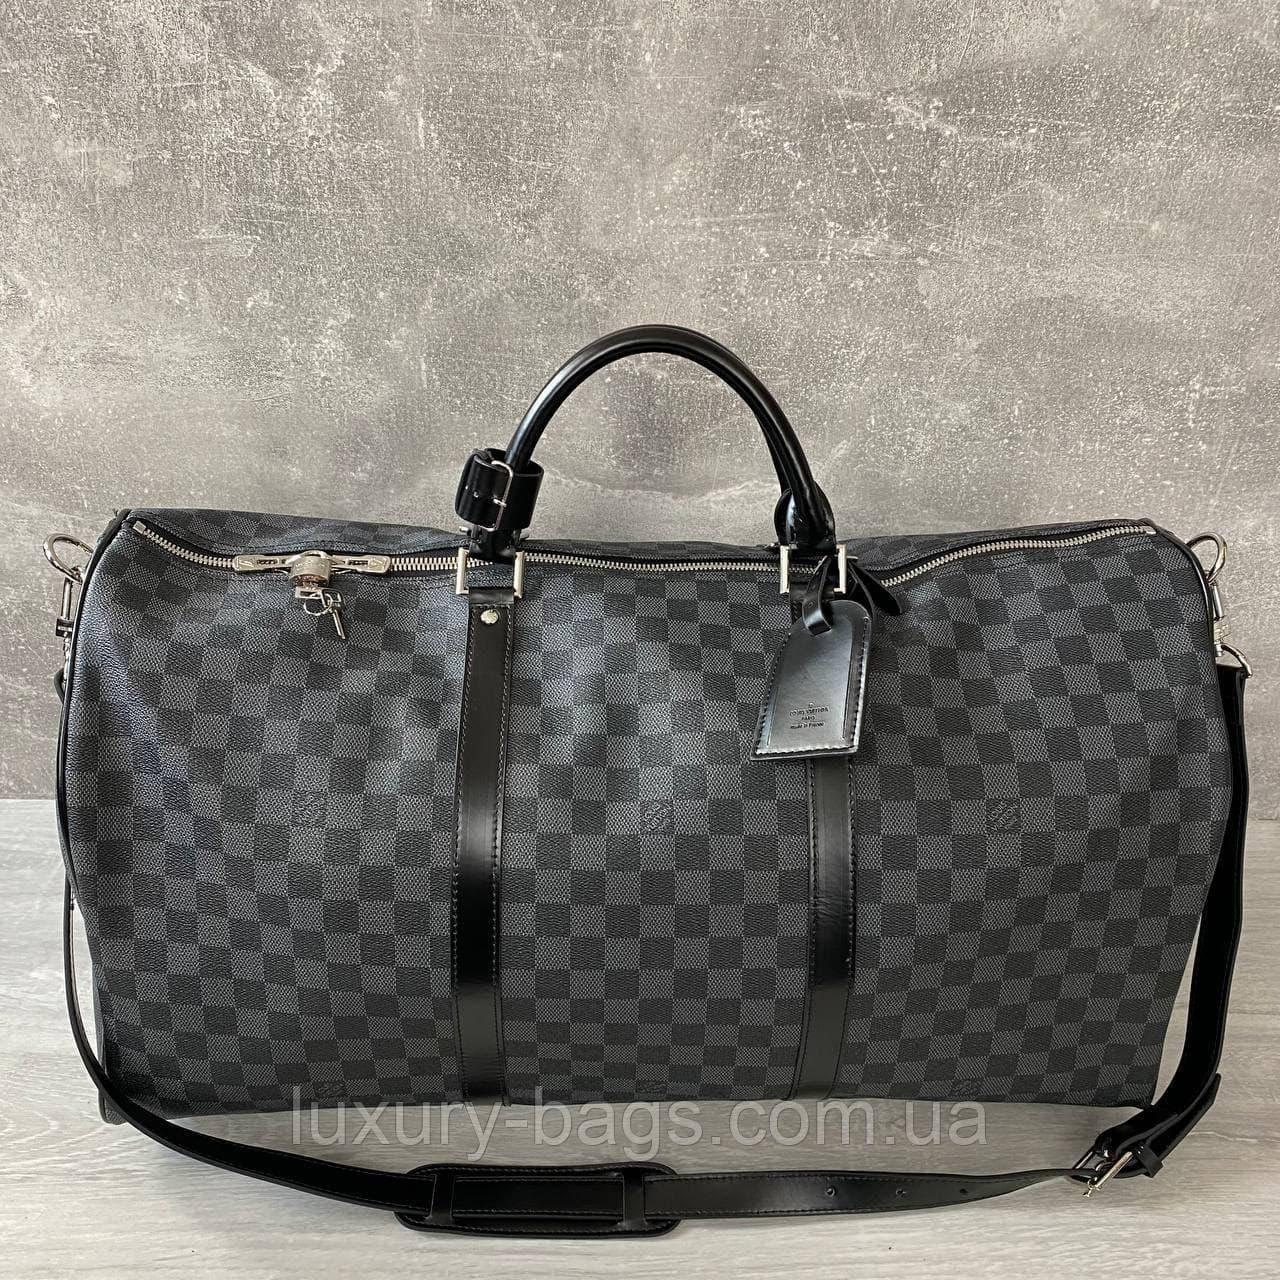 Дорожная сумка Louis Vuitton Keepall 55 Луи Виттон